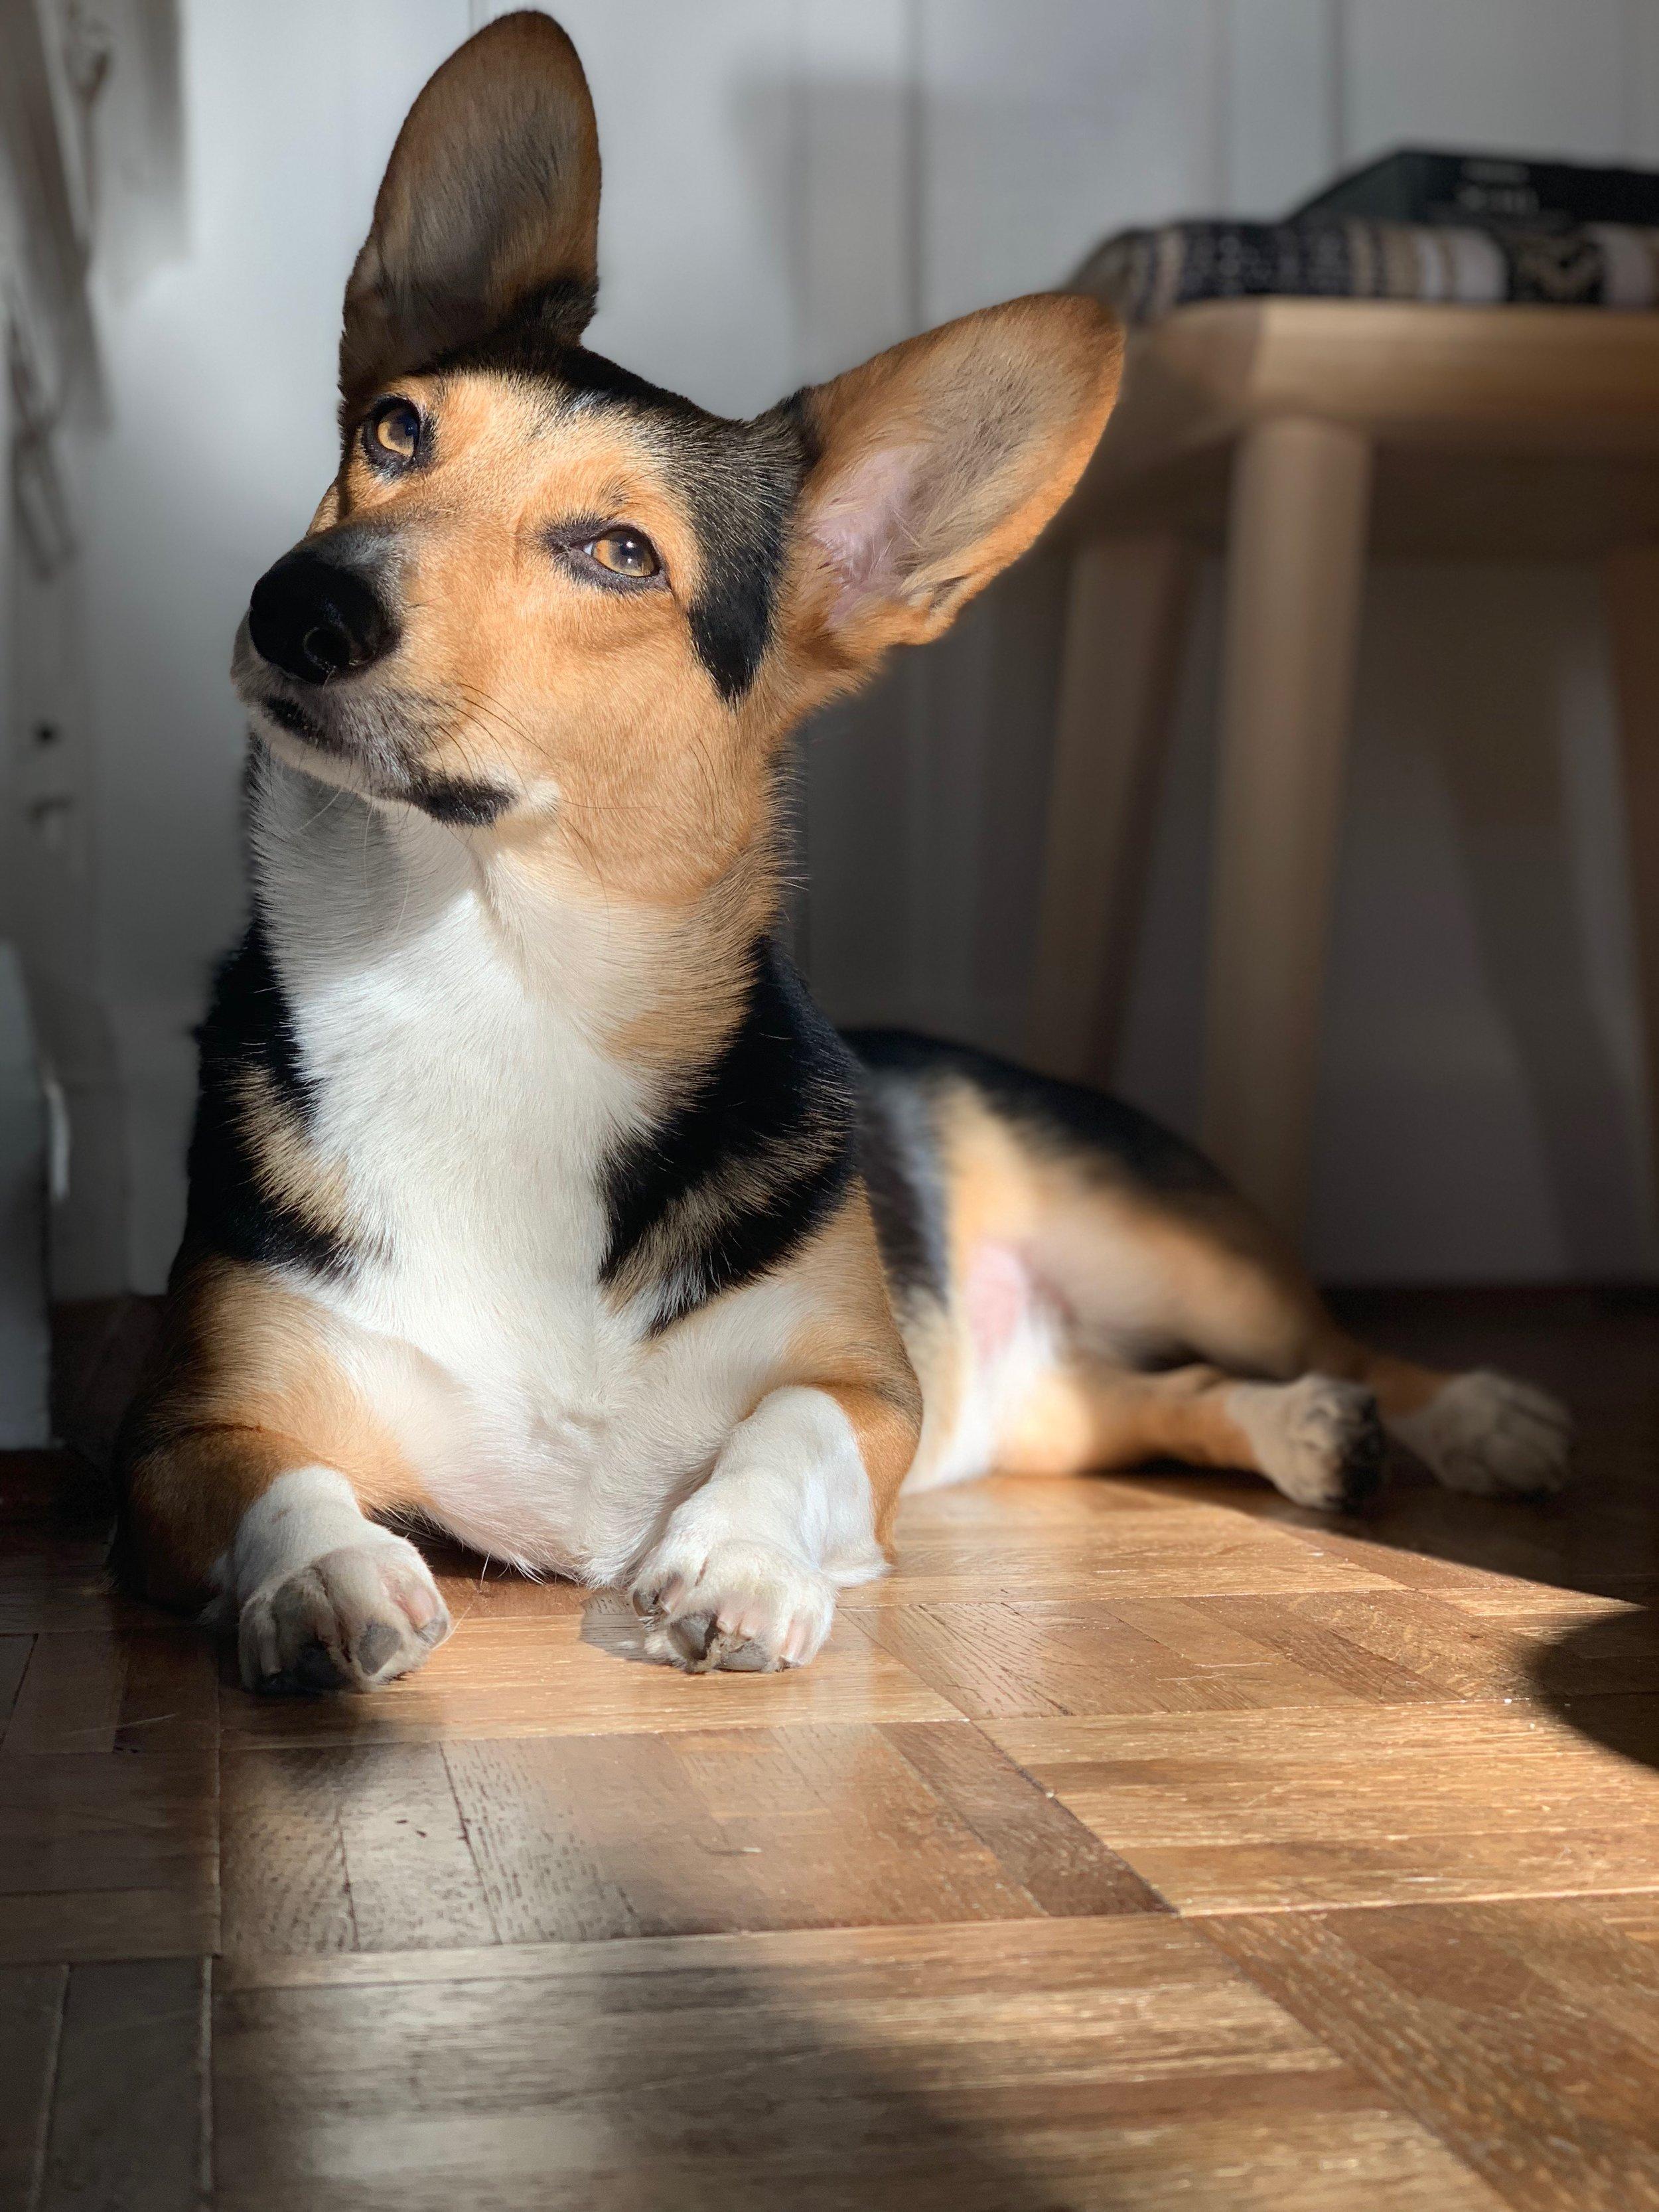 P I P - enjoying a sunbeam